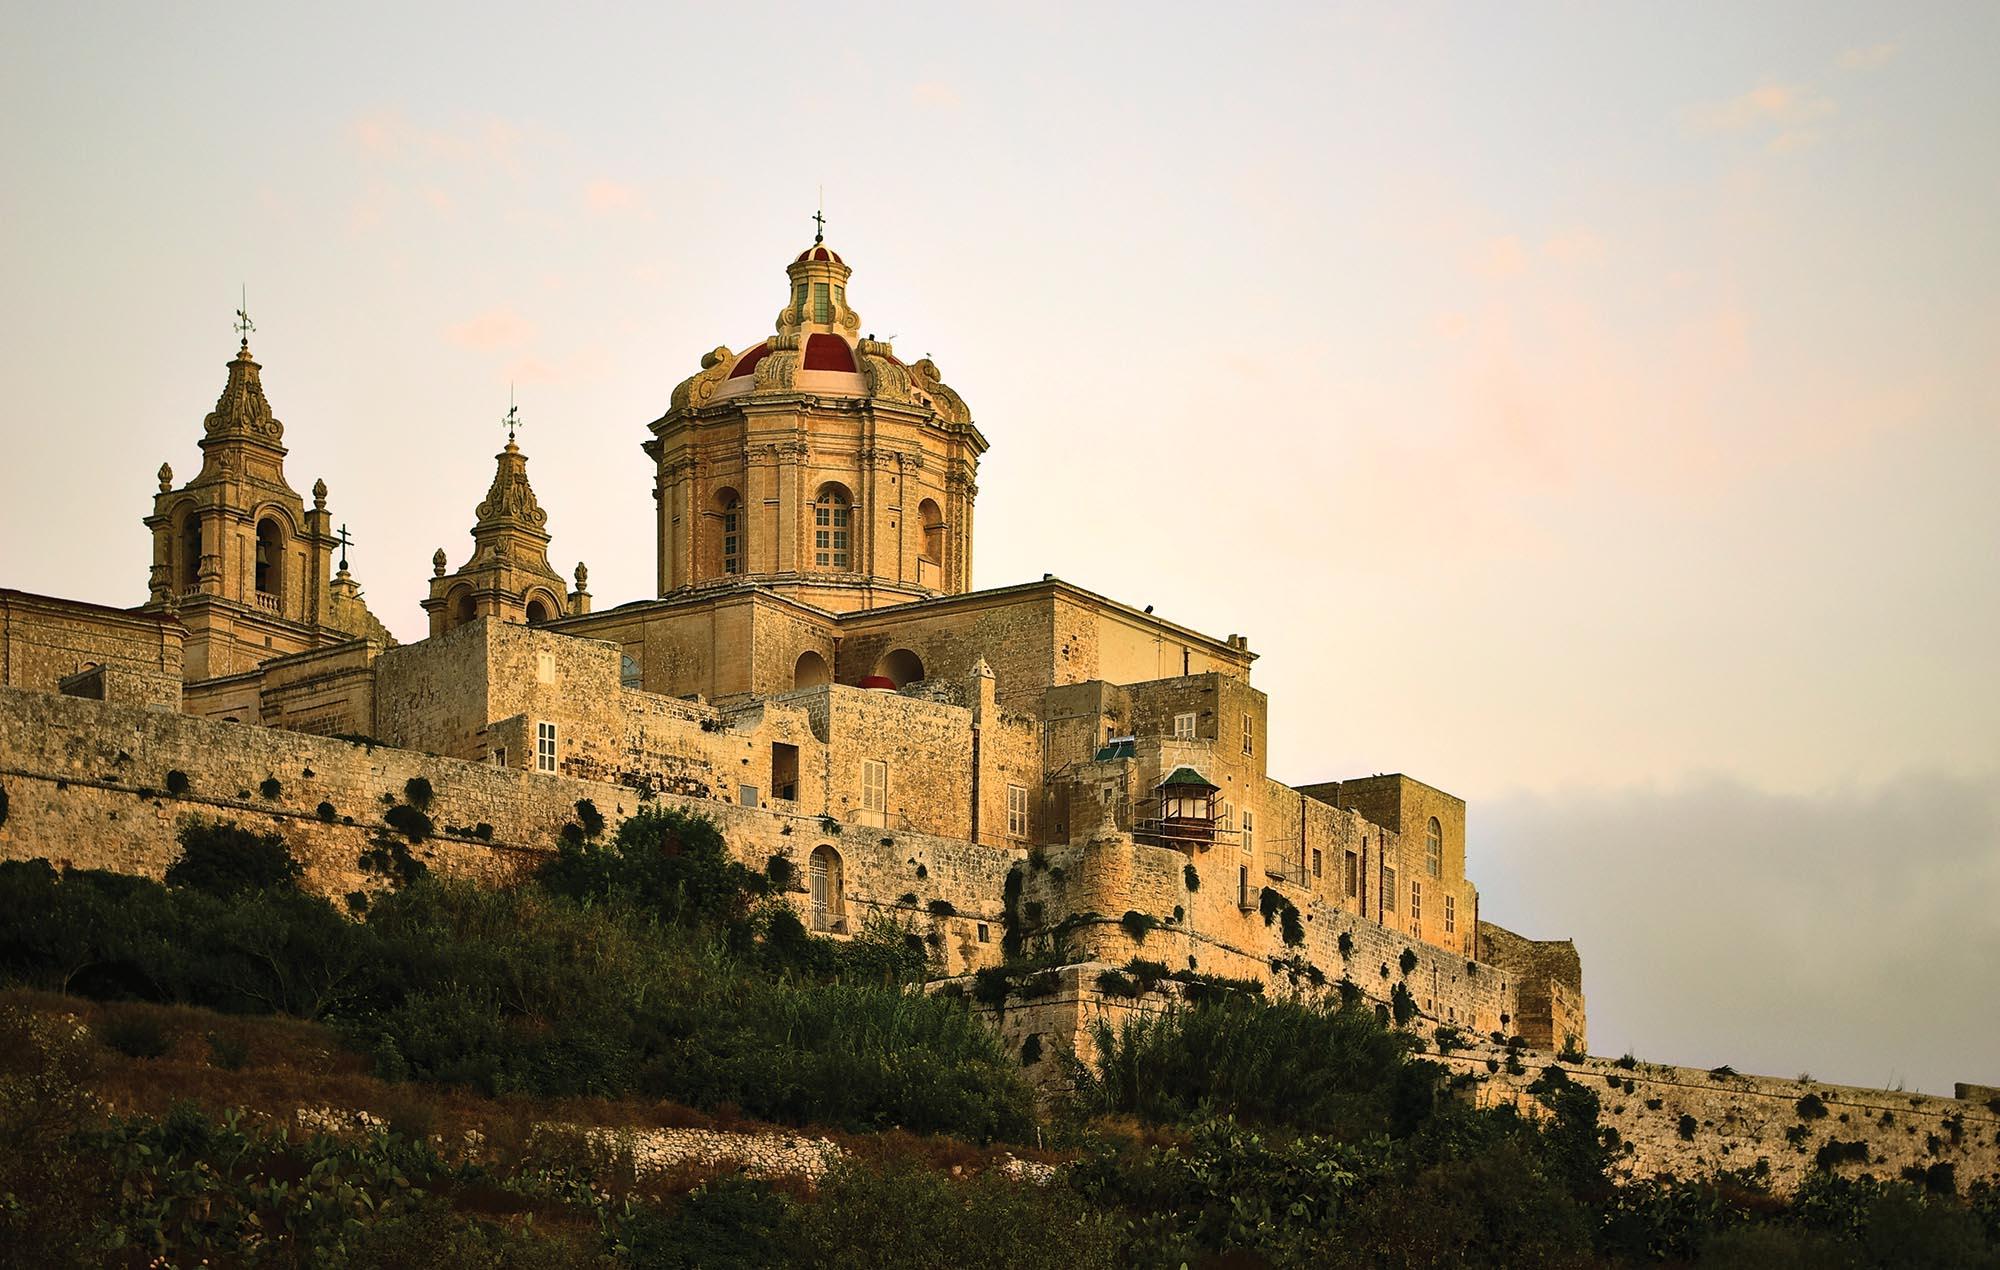 Мдіна. Місто-фортеця Мдіна – «мовчазне місто»-фортеця. Старовинна столиця Мальти має 4-х тисячну історію. Тут колись жив апостол Павло після кораблетрощі на шляху до Європи. У місті 300 жителів, з яких майже всі нащадки благородних лицарів. Варто відвідати катакомби Св. Павла, де хоронили померлих.